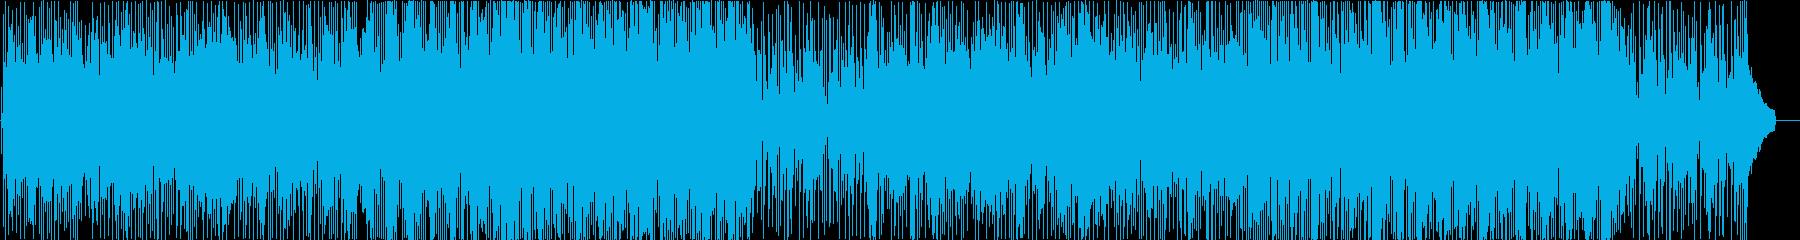 かわいいポップな日常シーン系の曲の再生済みの波形